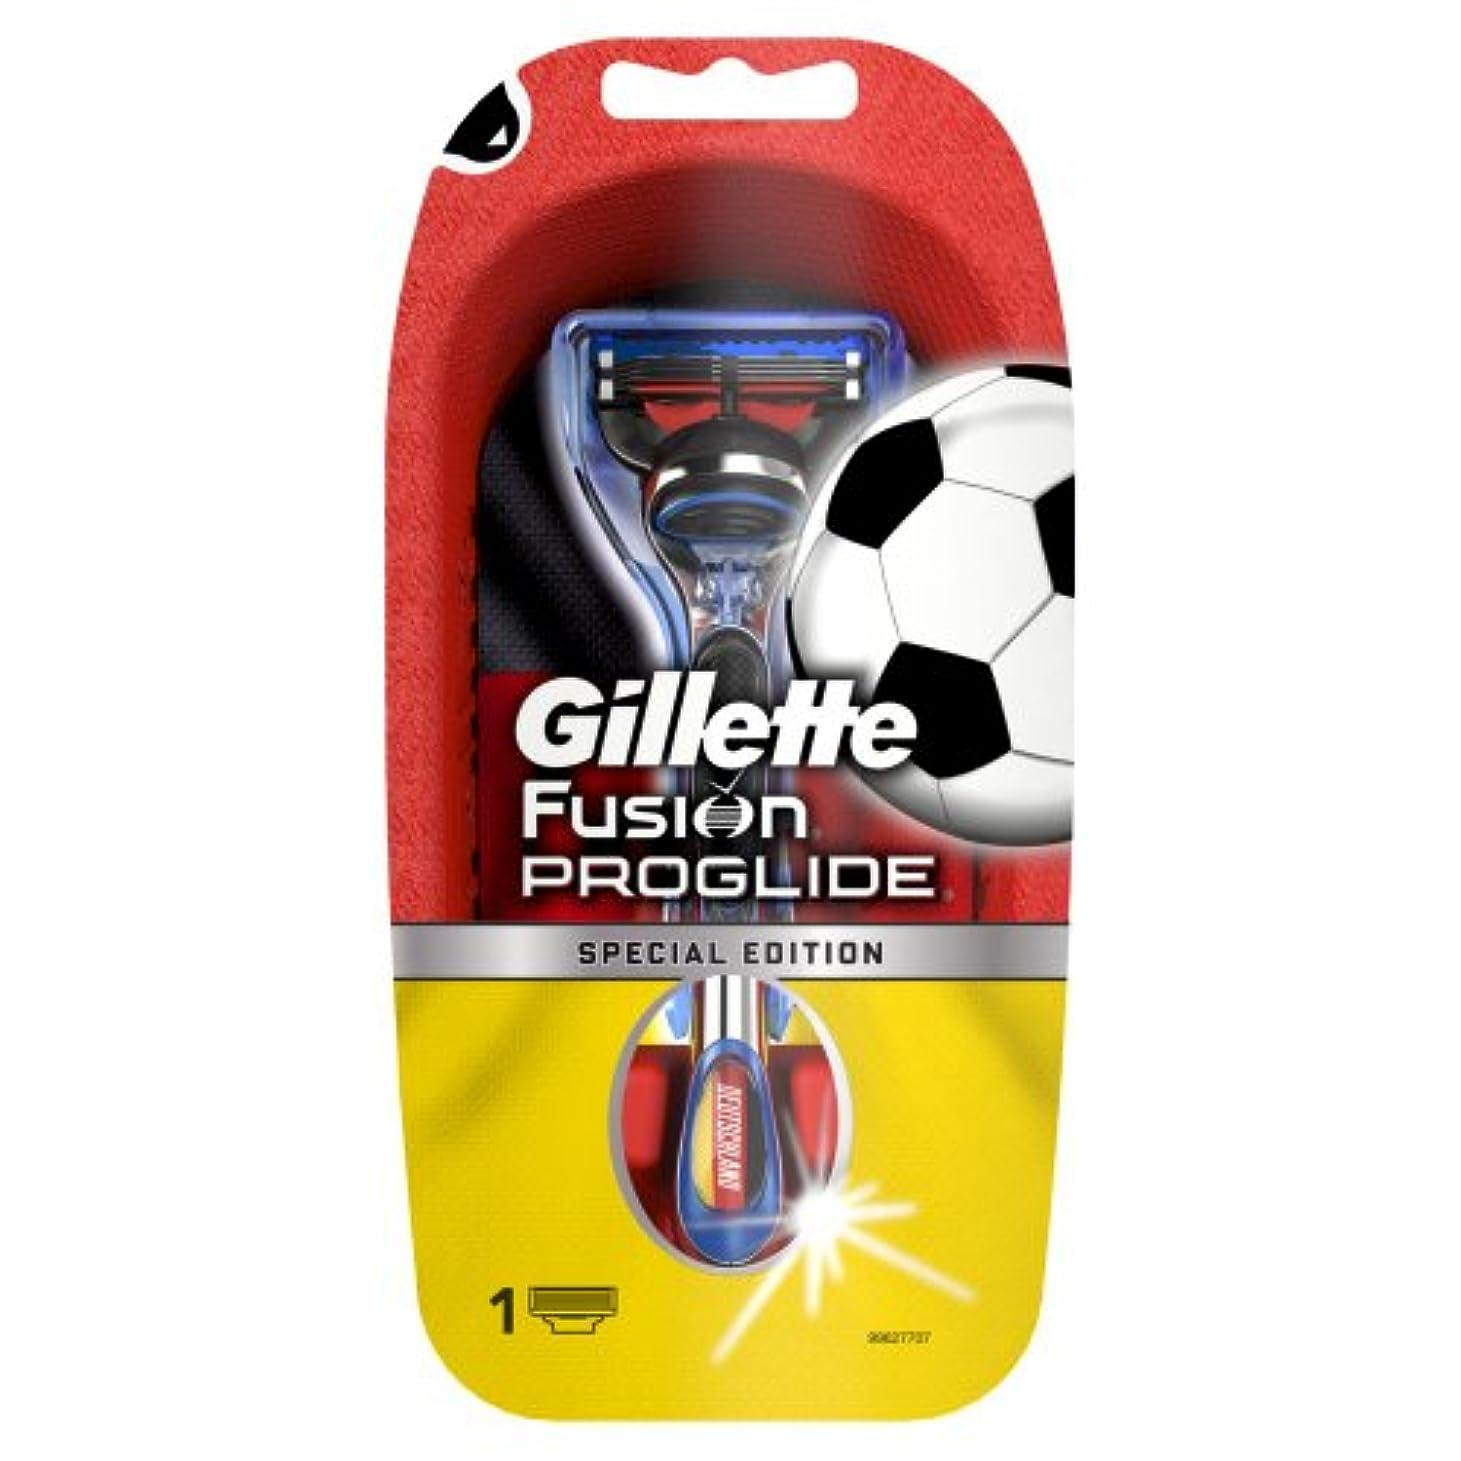 フラスコ教市民権【数量限定品】 ジレット プログライド サッカードイツモデルホルダー